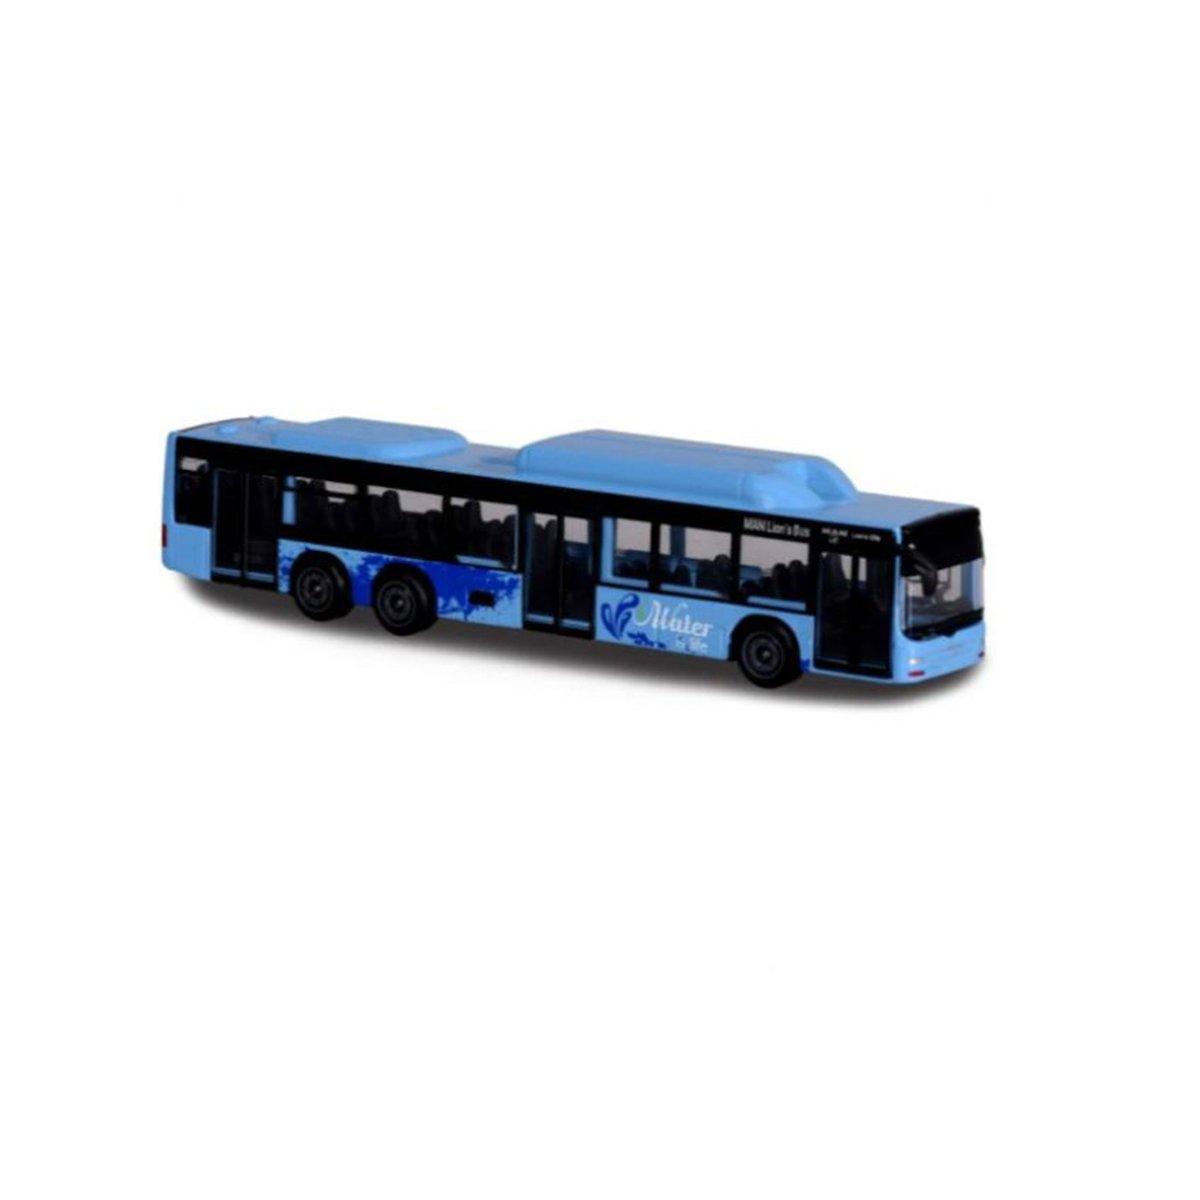 Autobuz de jucarie, Majorette, albastru